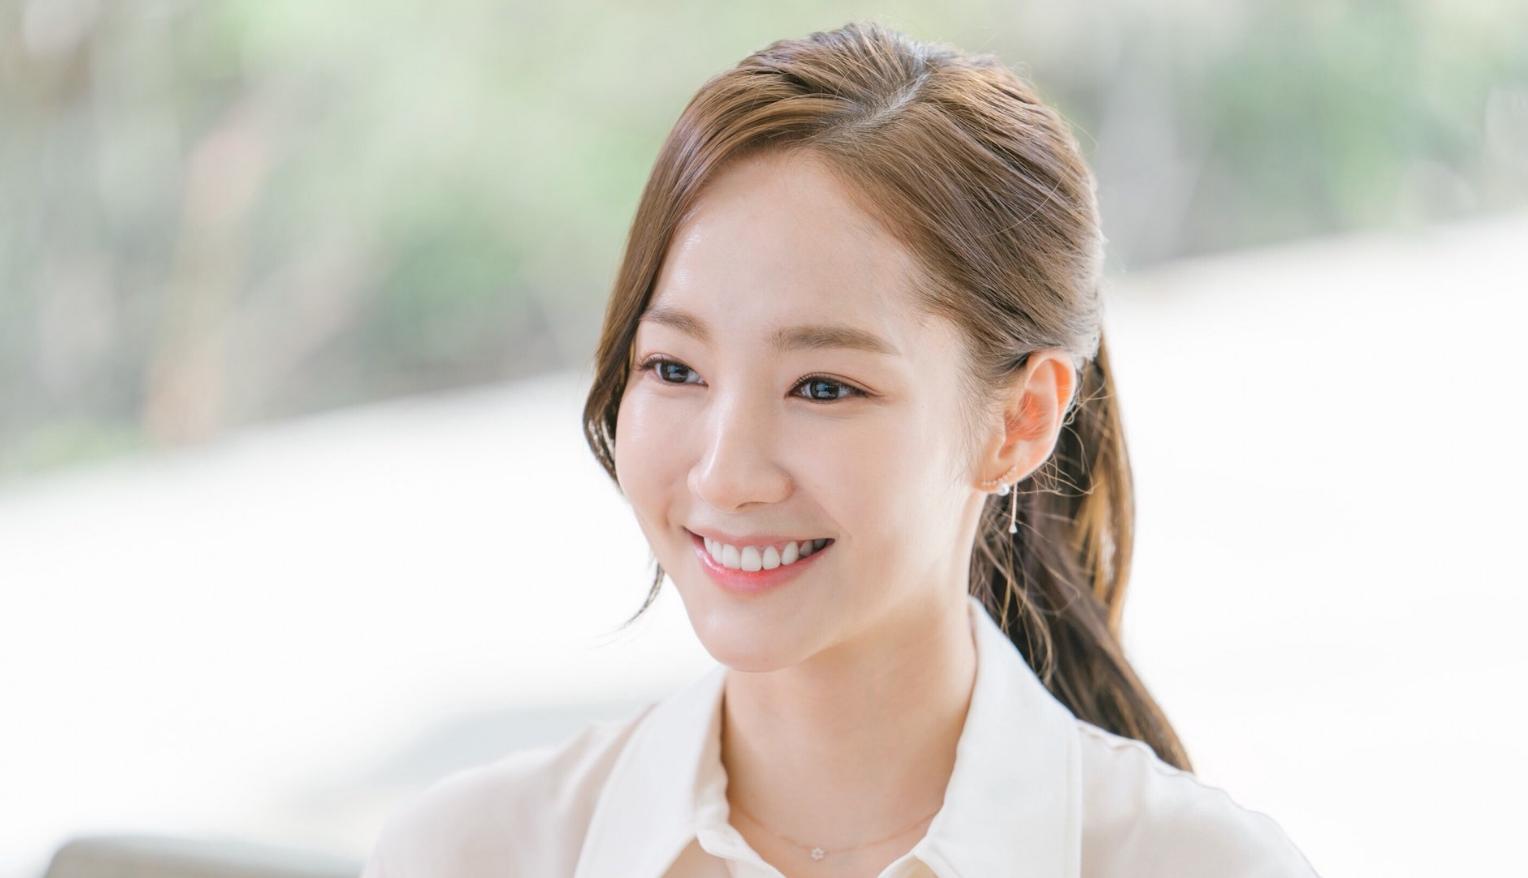 k beauty, korean drama makeup, korean drama beauty, drama queen, korean actress makeup, korean makeup, park minyoung make up